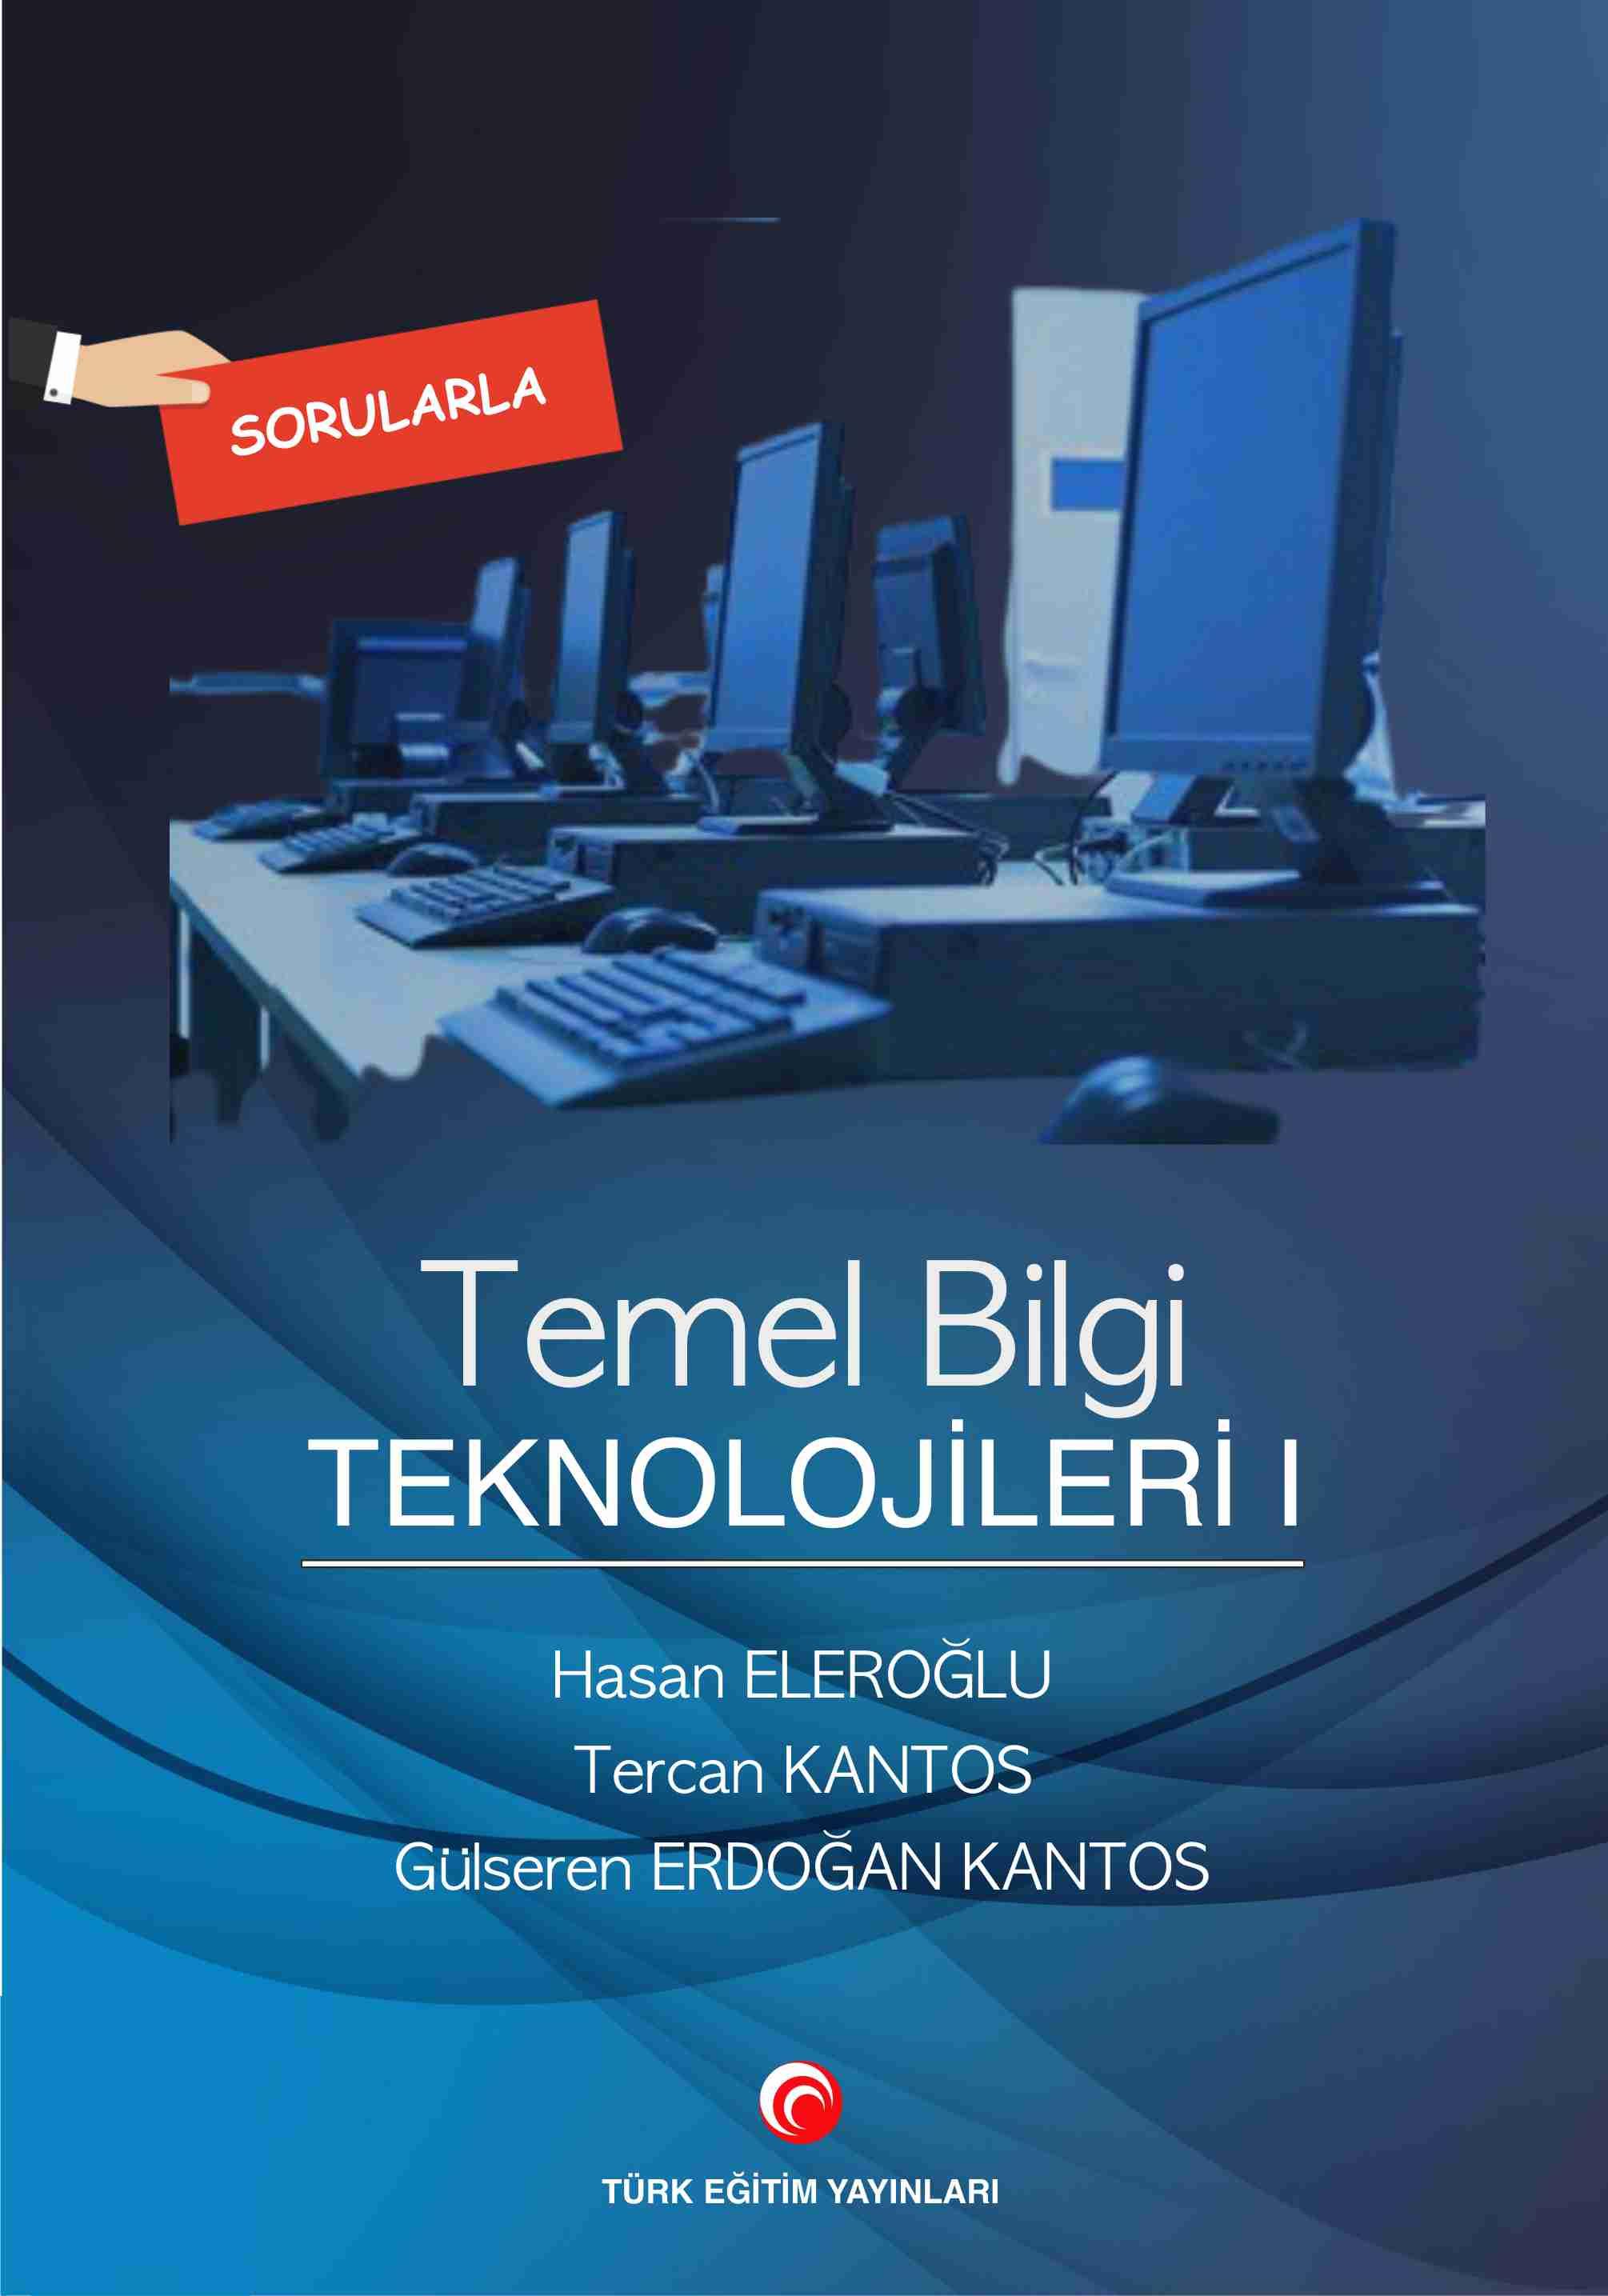 Temel Bilgi Teknolojileri 1